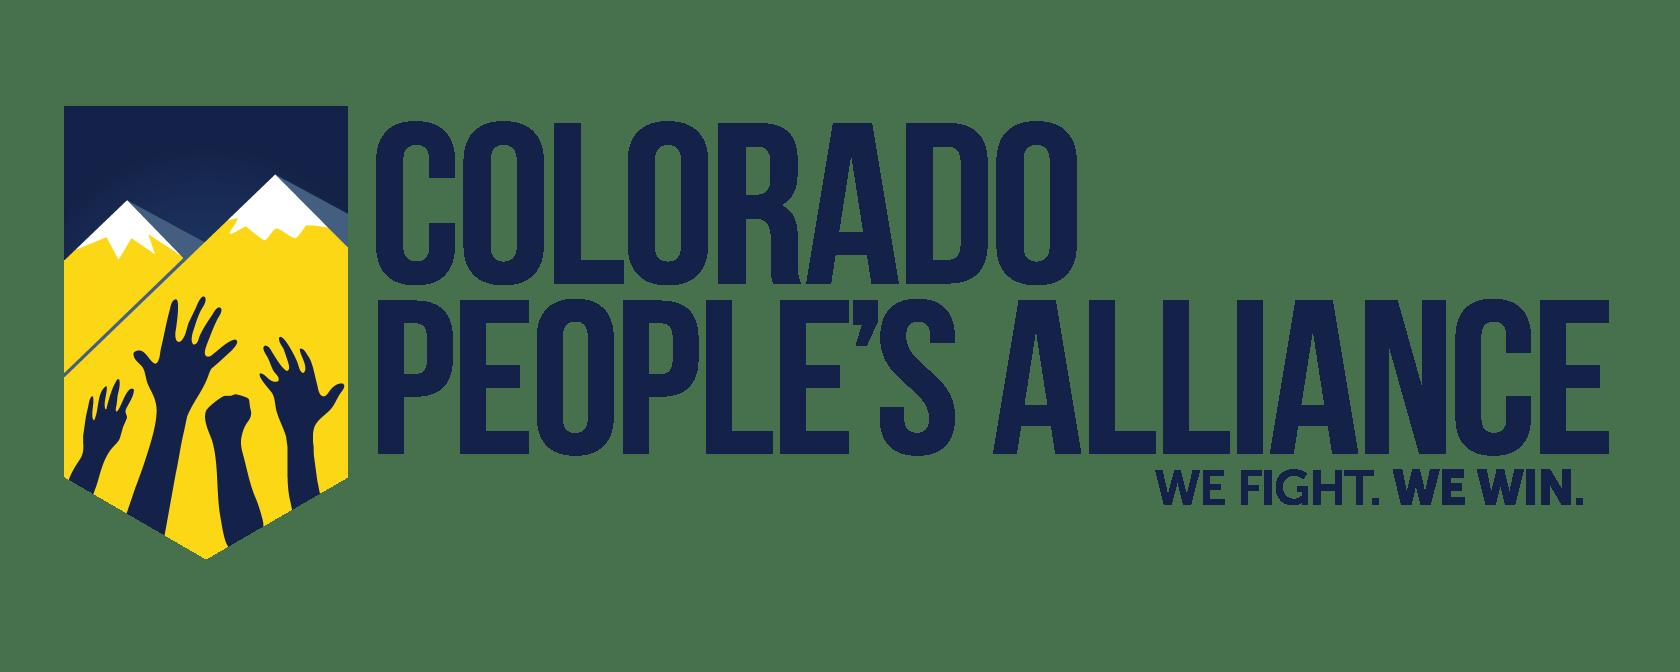 Colorado People's Alliance